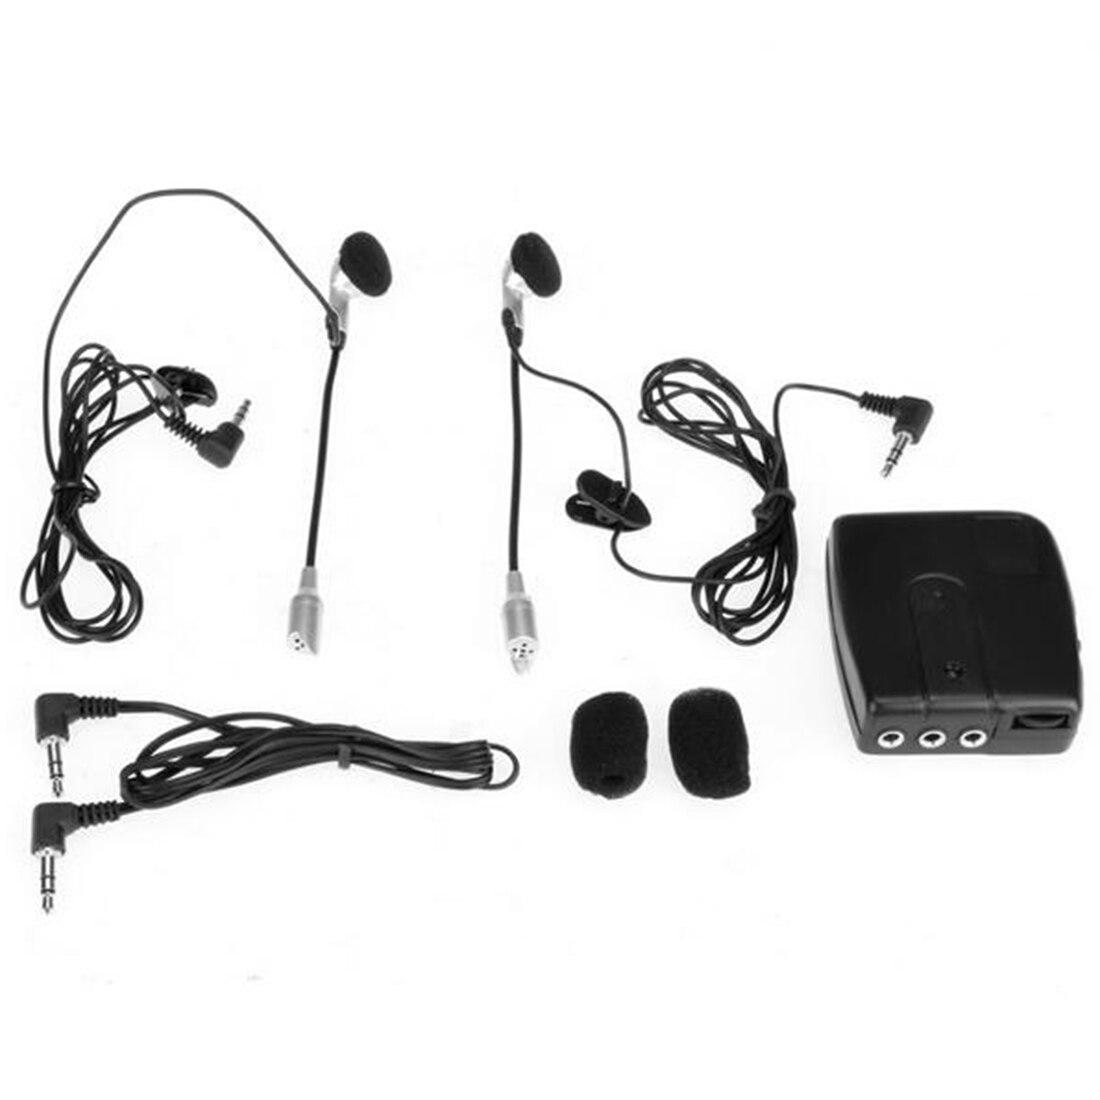 Dewtreetali 2 voies moto Interphone moto casque casque système de Communication Interphone moteur casque écouteur